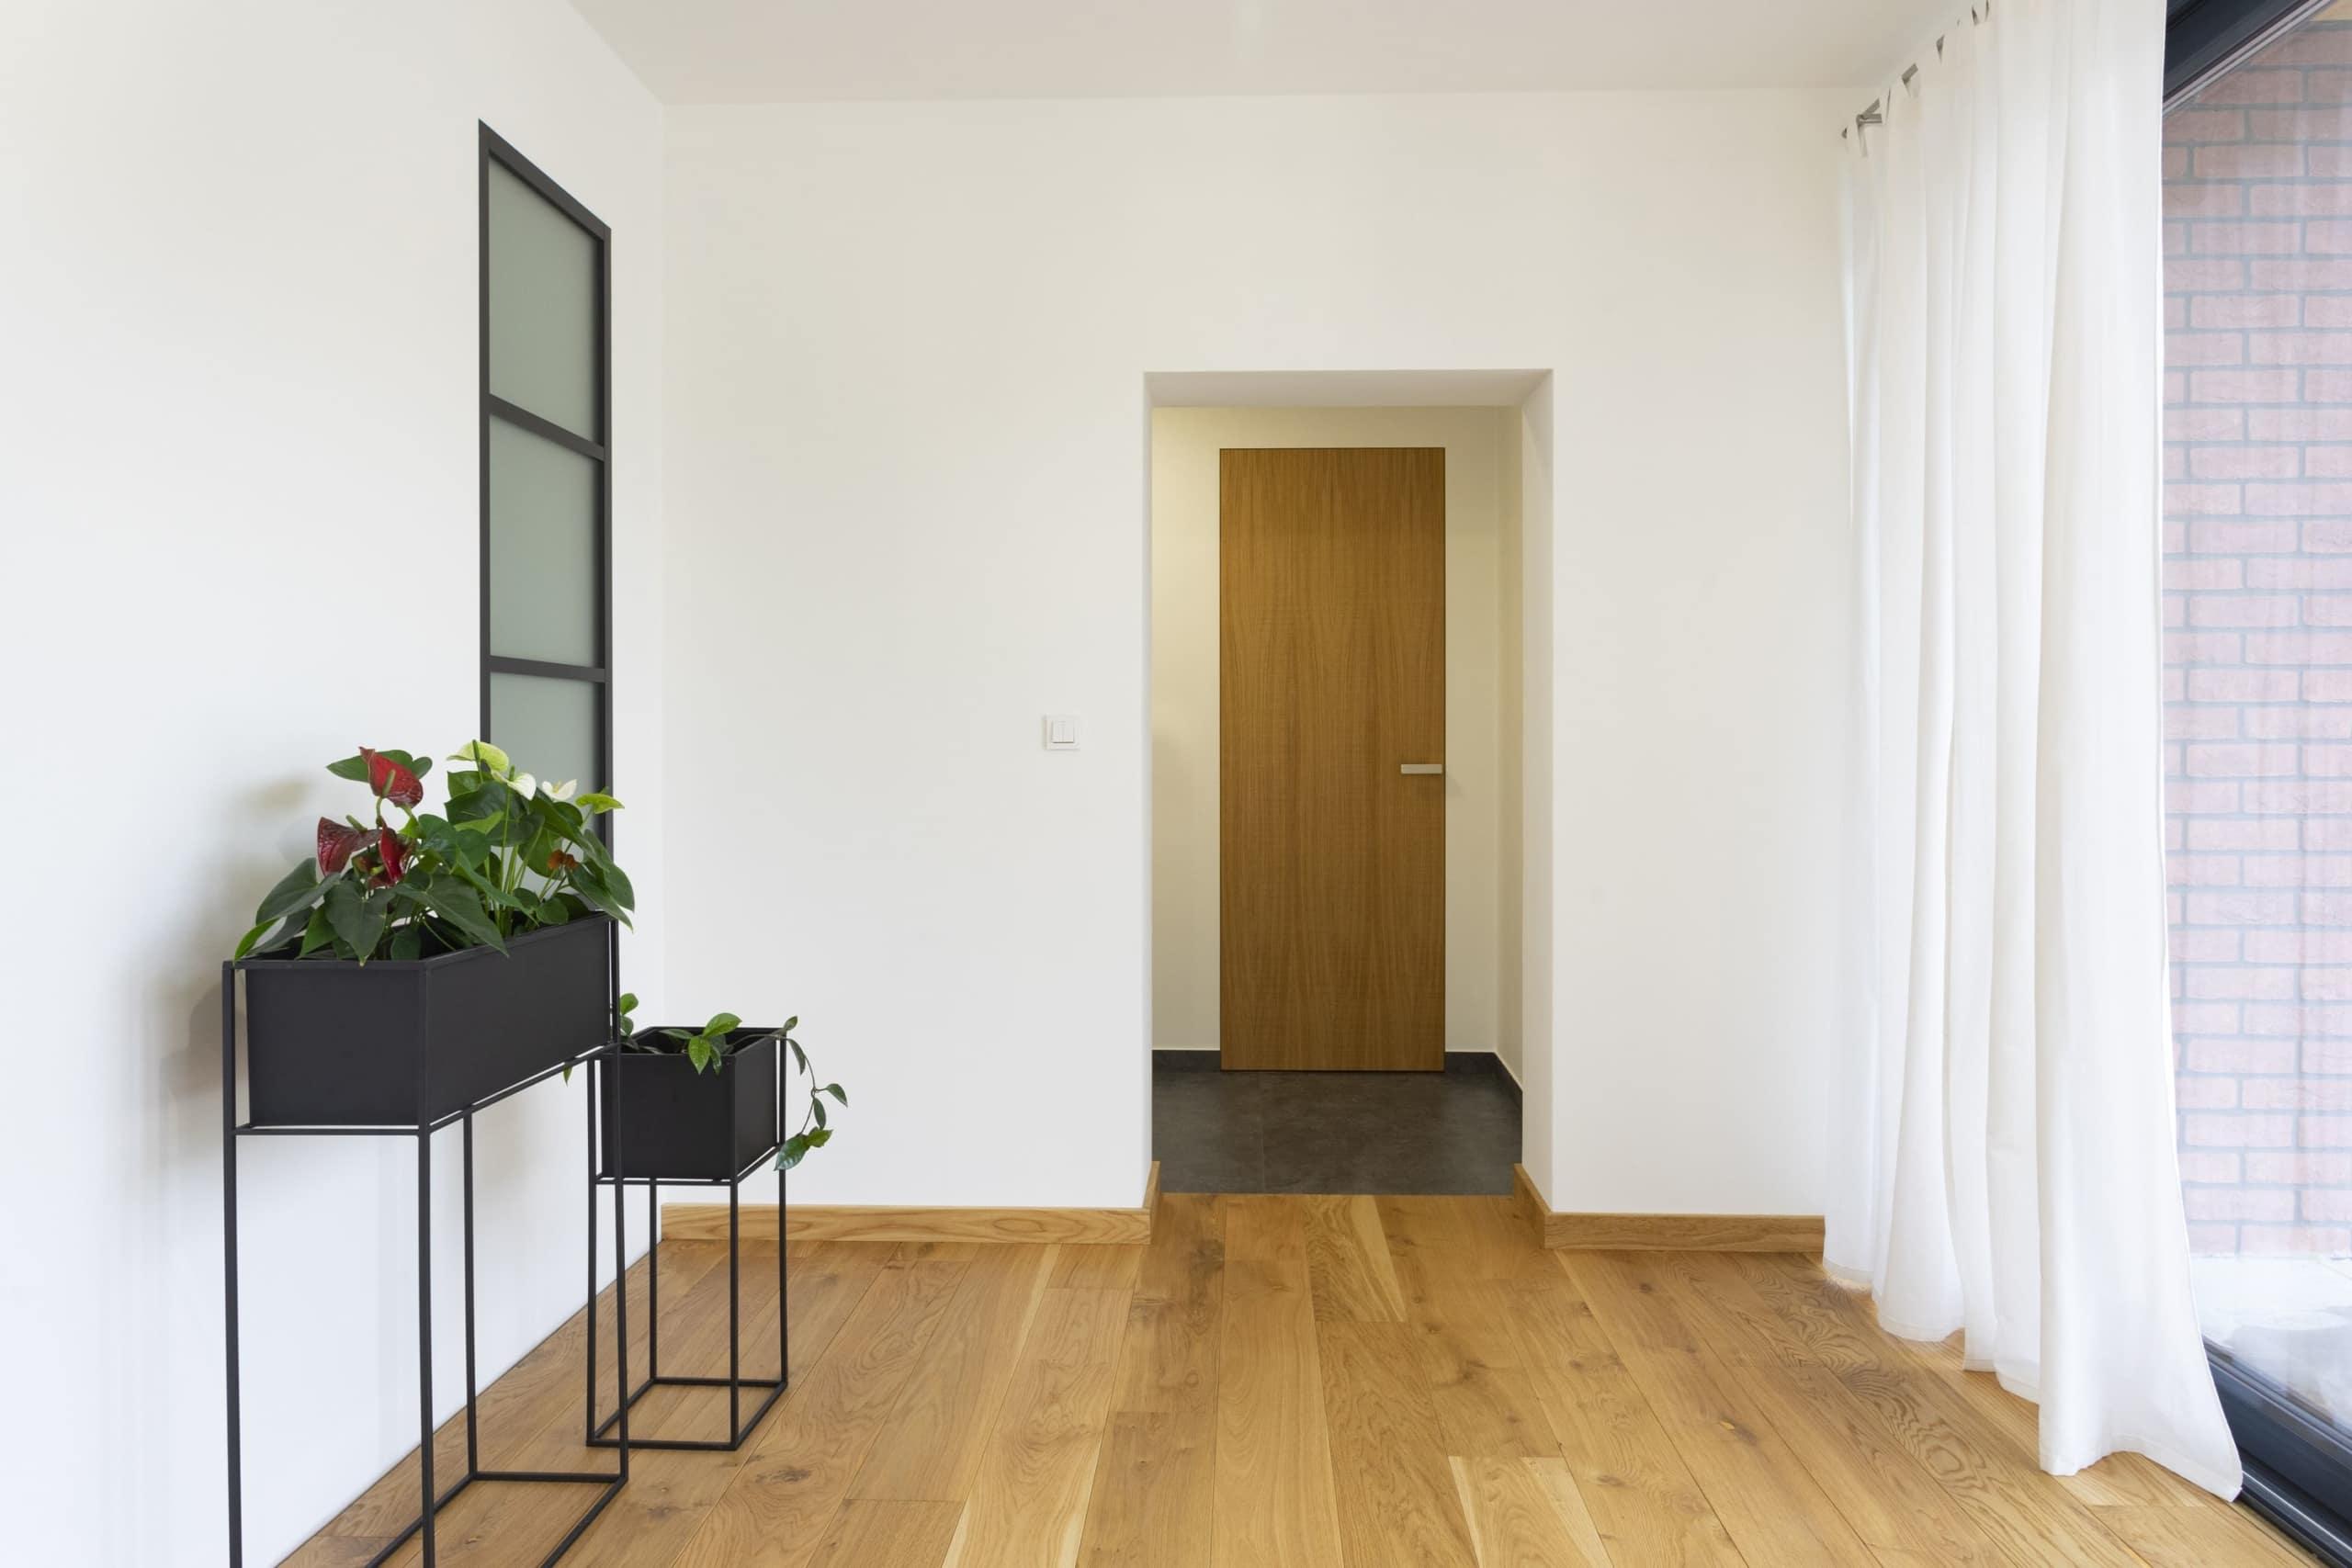 dřevěné dýhované dveře ve skryté zárubni